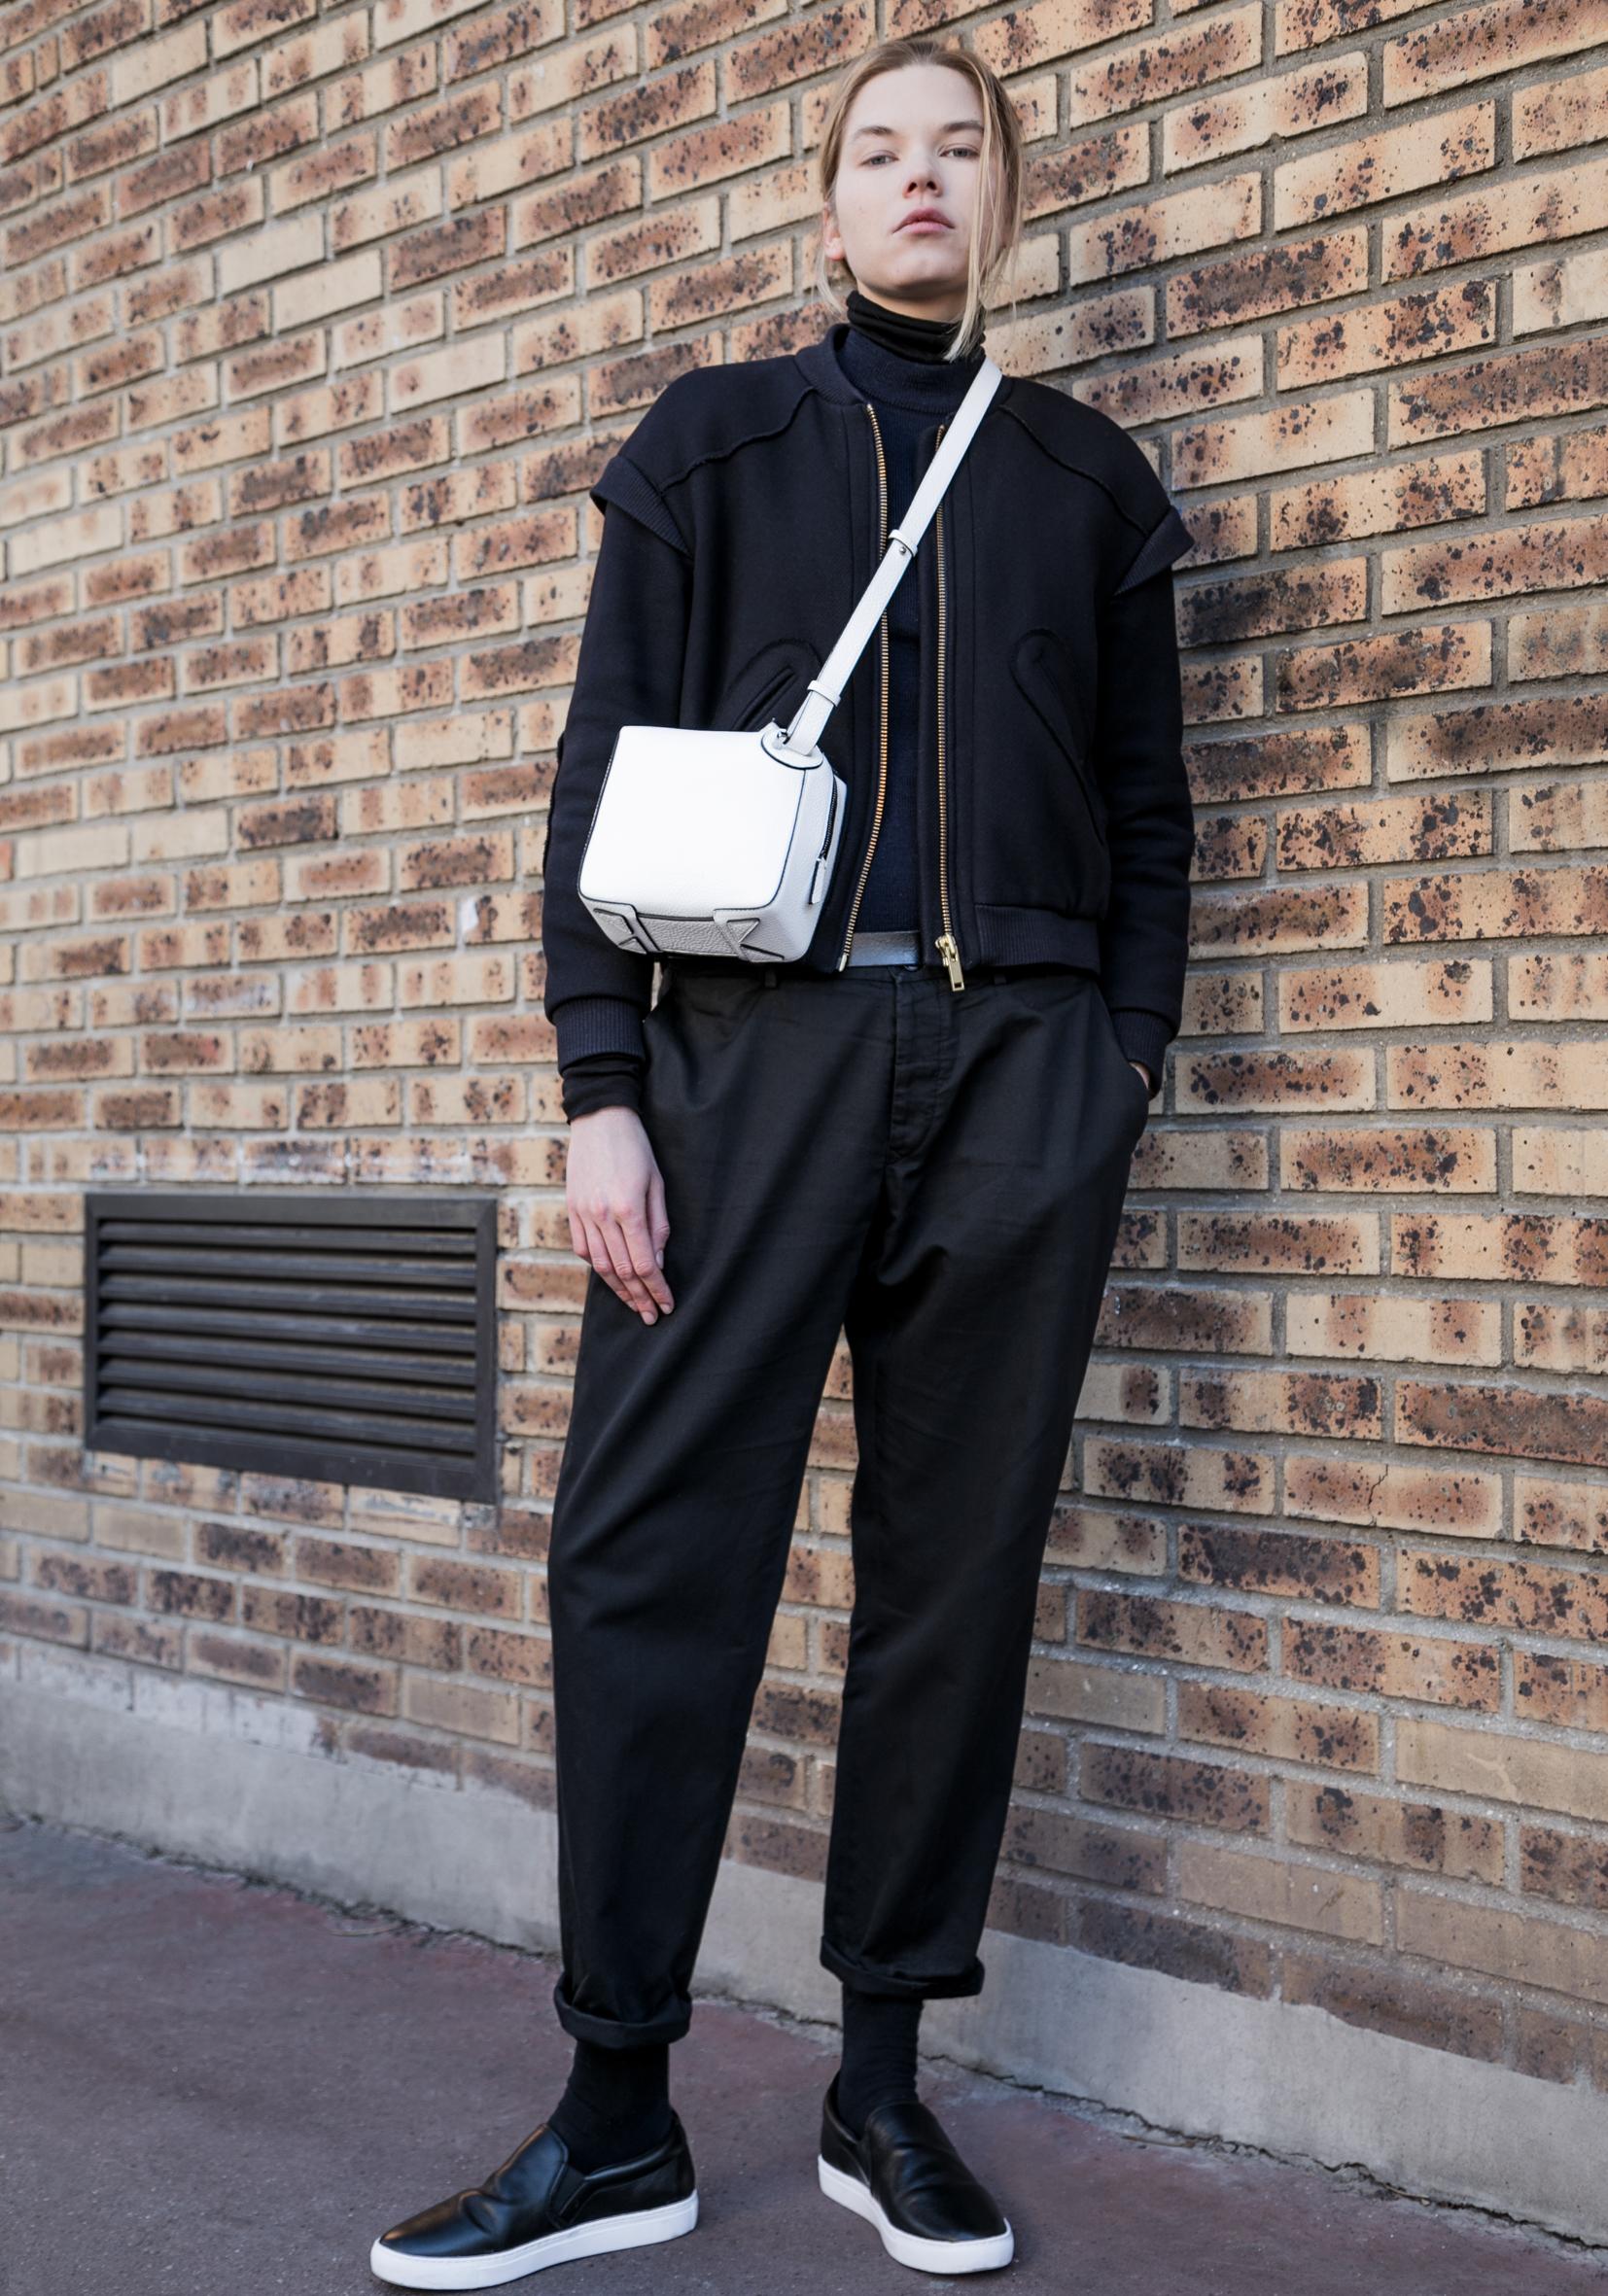 BAURAIN FW18 one crossbody small bag